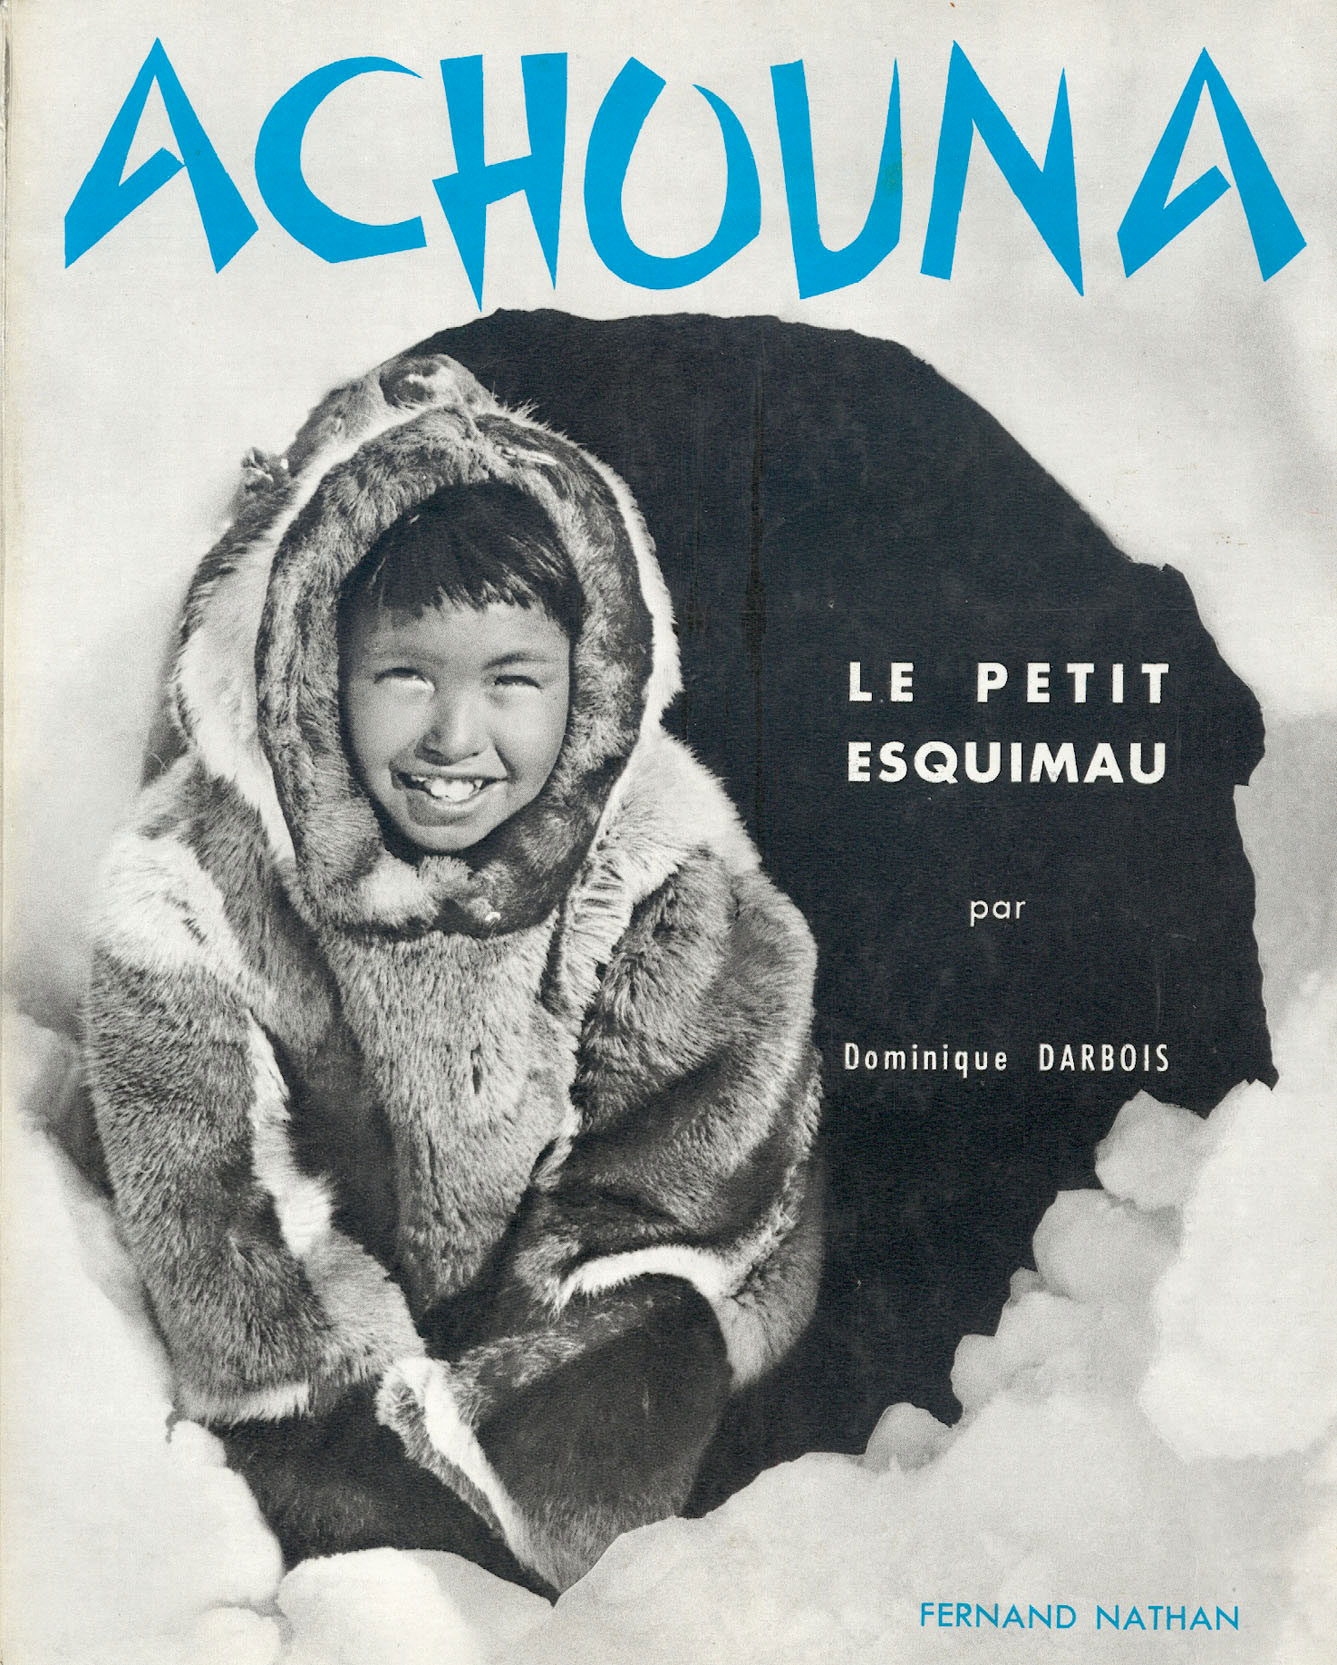 dominique-darbois-livre-collection-enfants-du-monde-graphisme-achouna